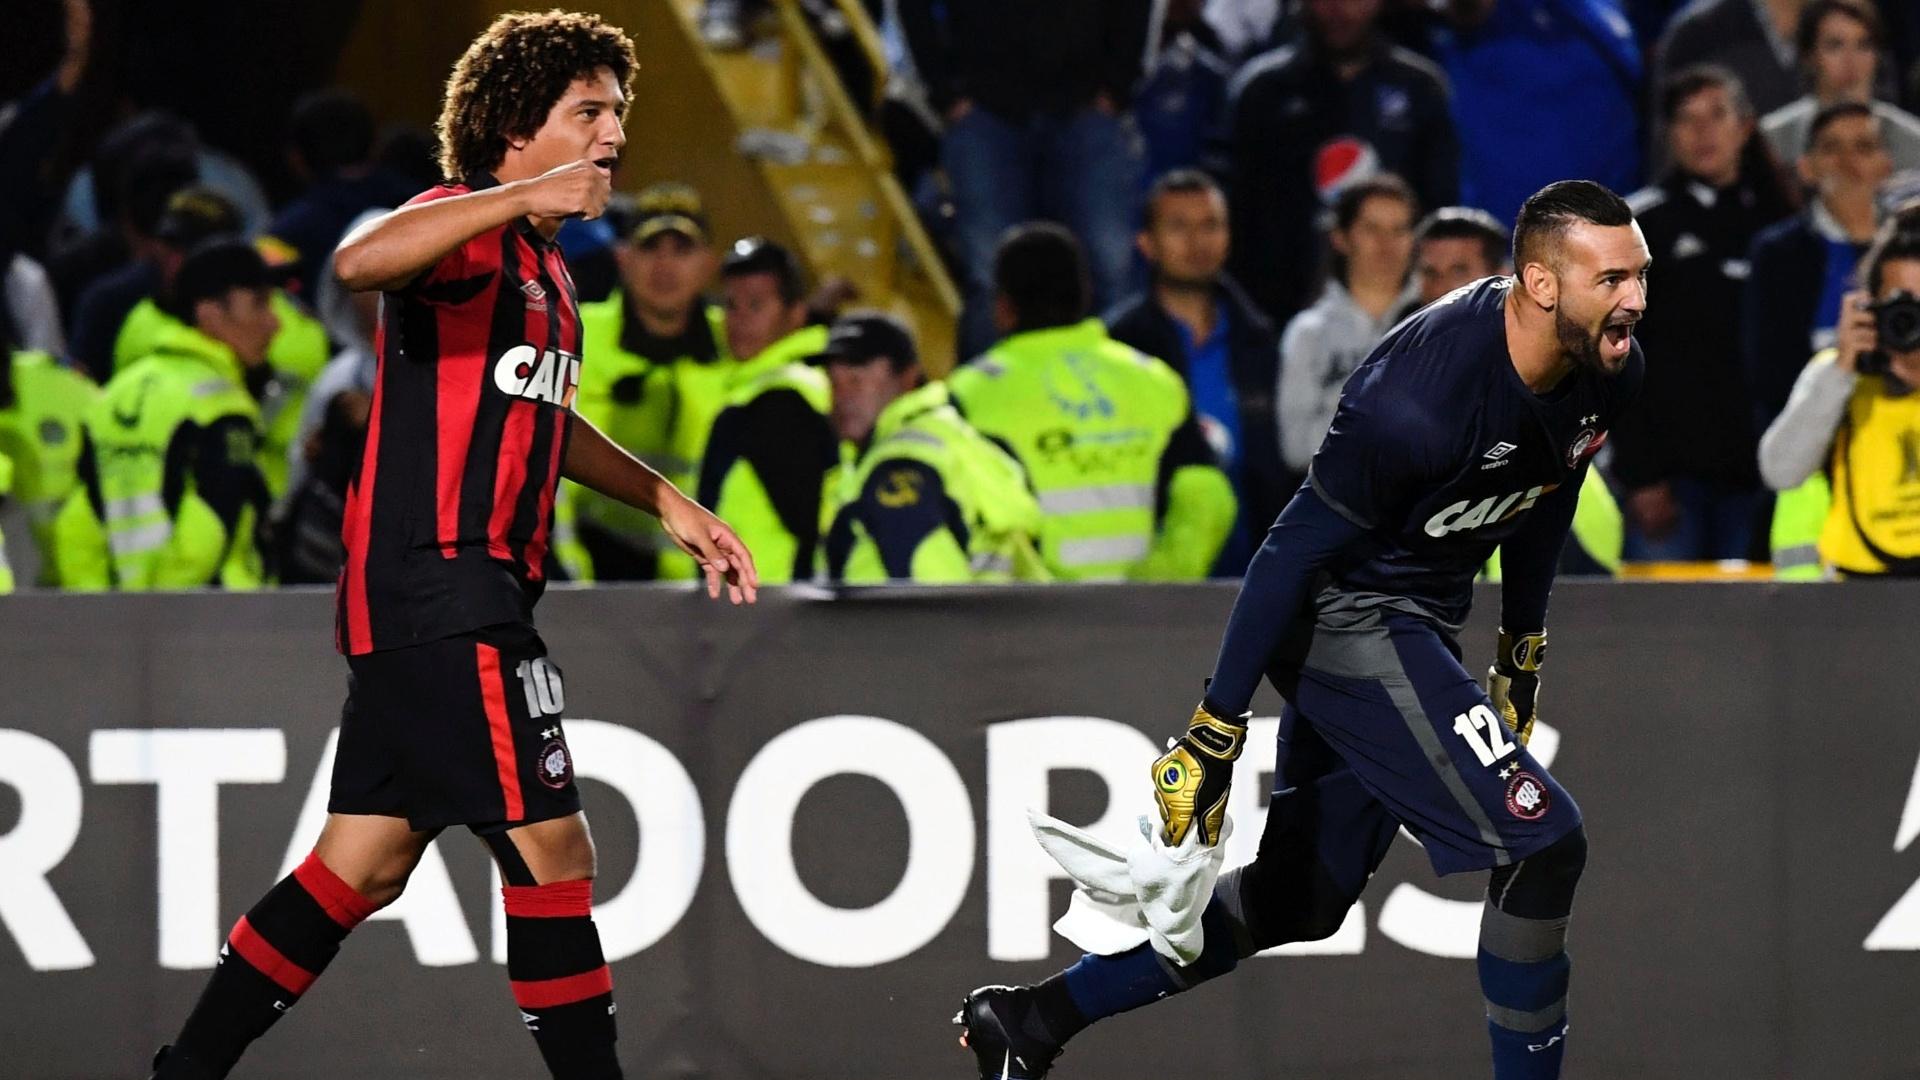 Weverton e Felipe Gedoz comemoram a classificação do Atlético-PR para a próxima fase da Libertadores